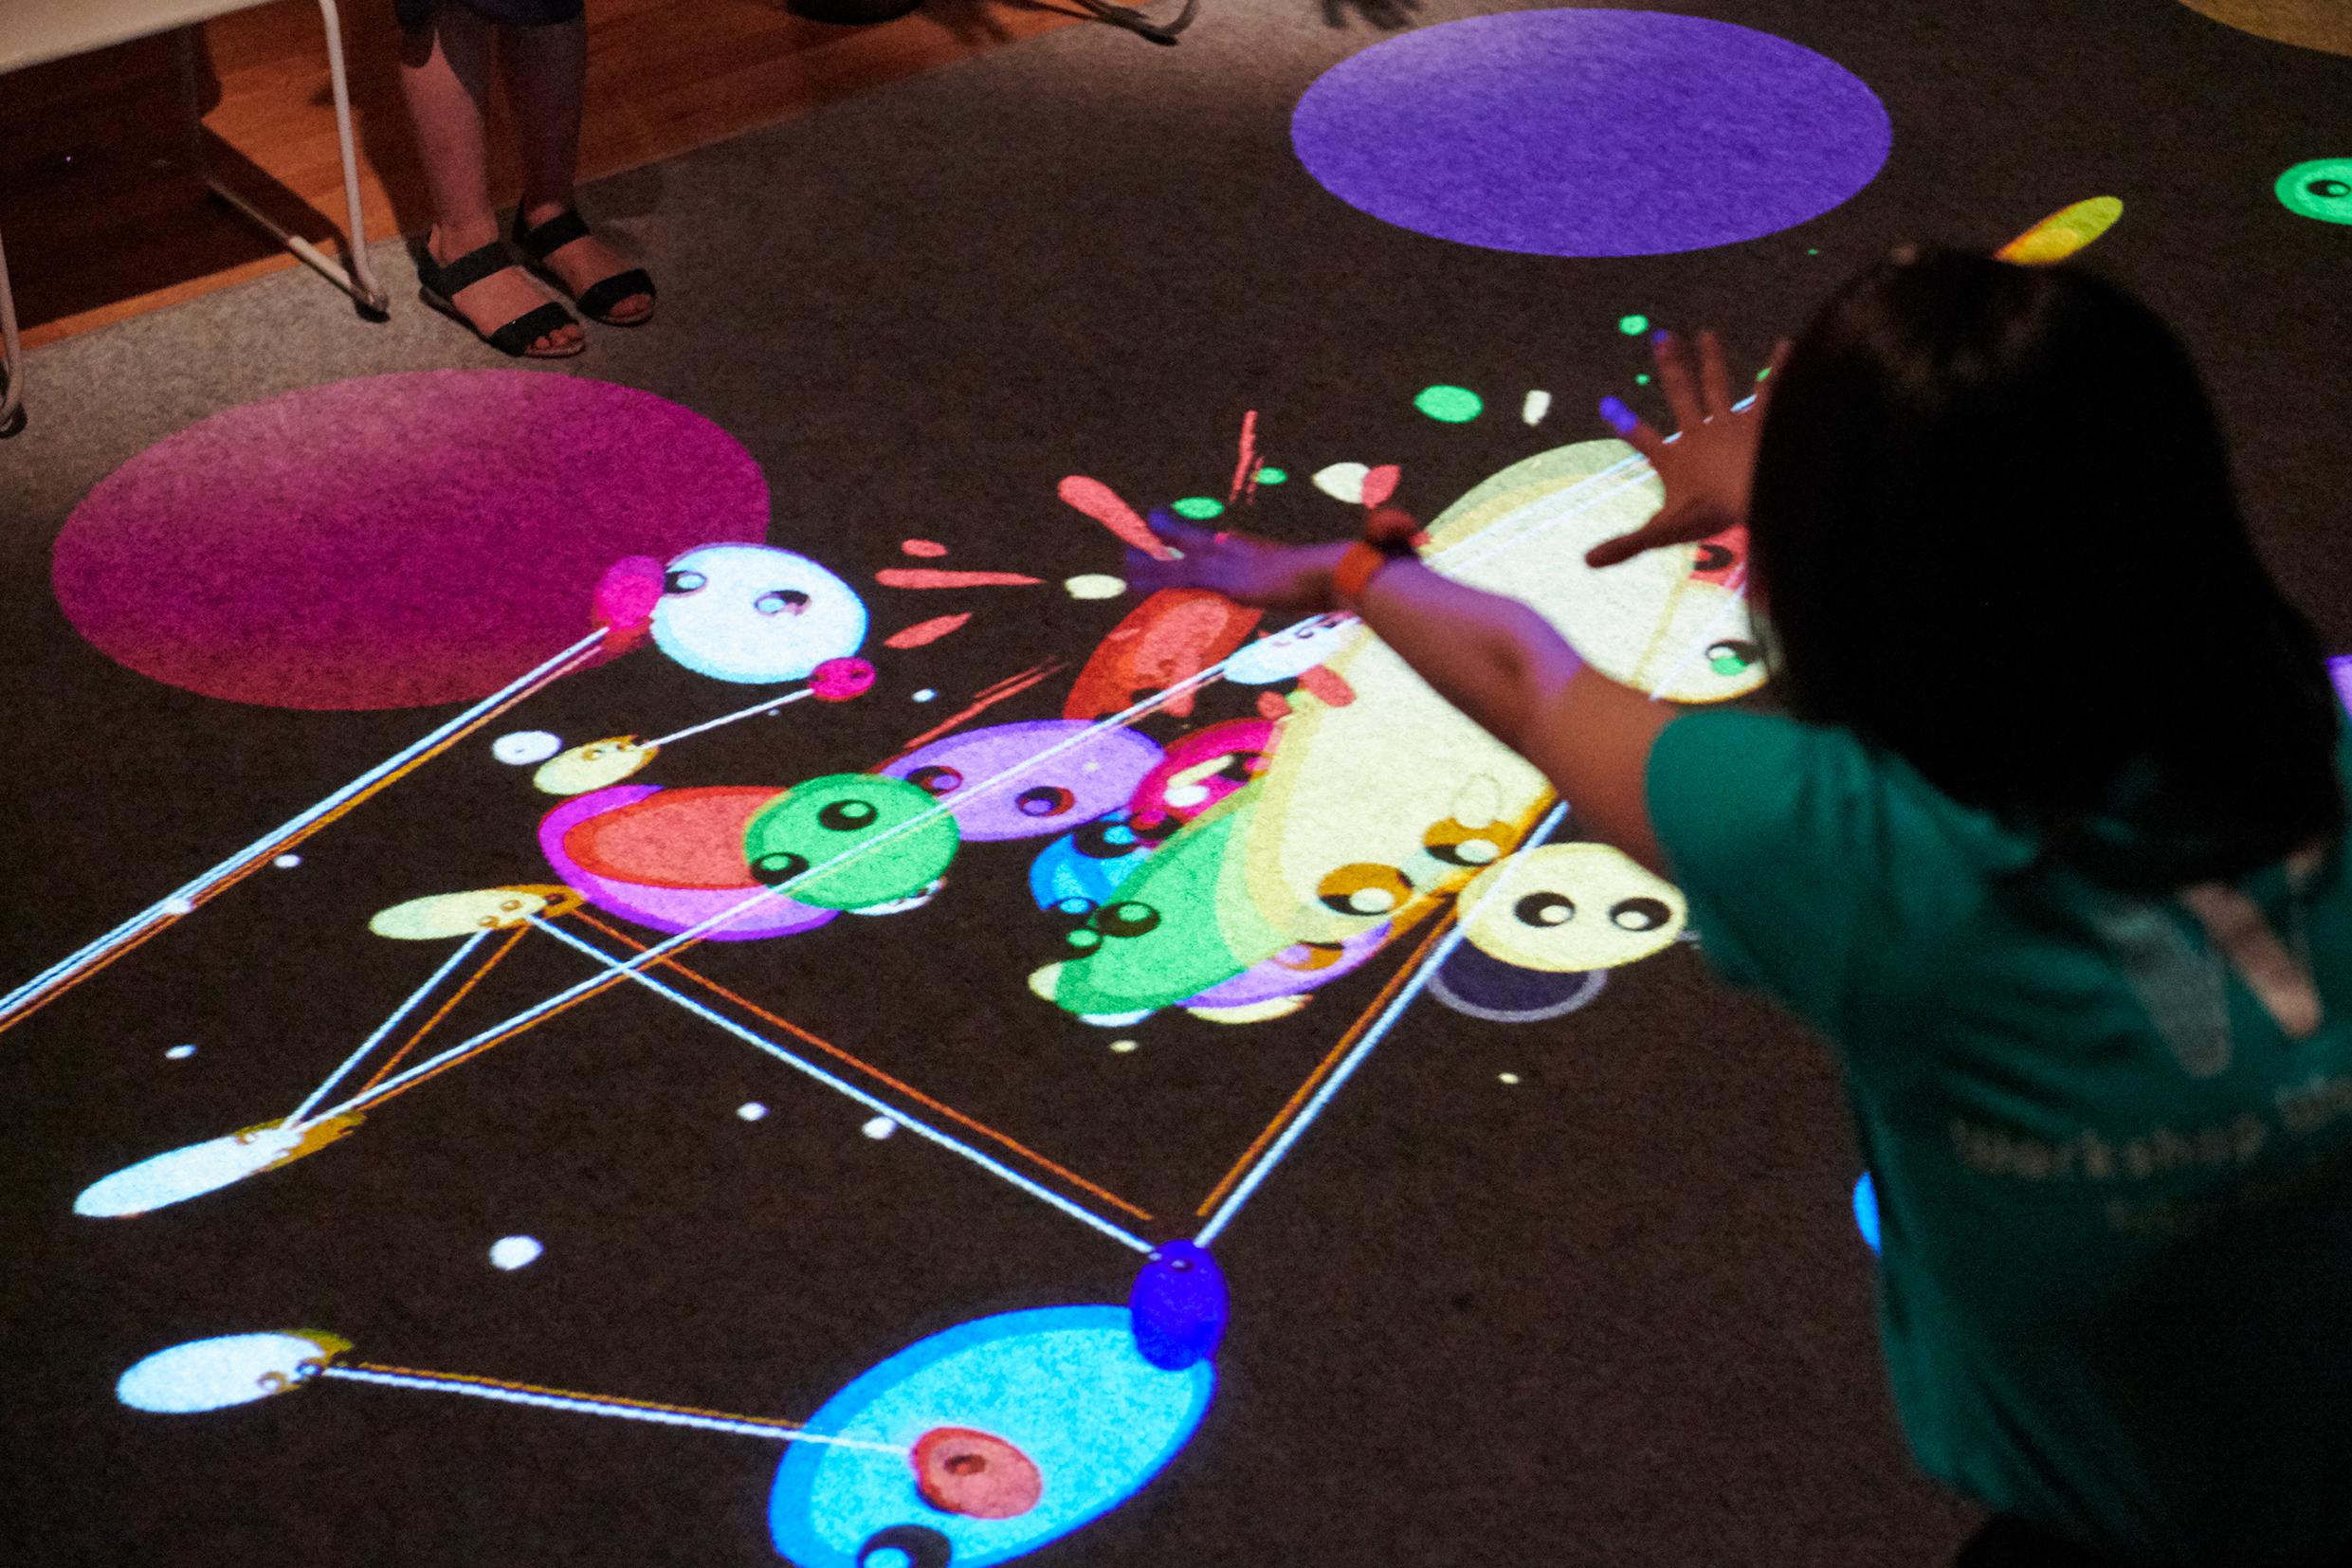 東京文化会館ミュージック・ワークショップ「ヒカリズム~音と光で描くリズムの世界」(2021)